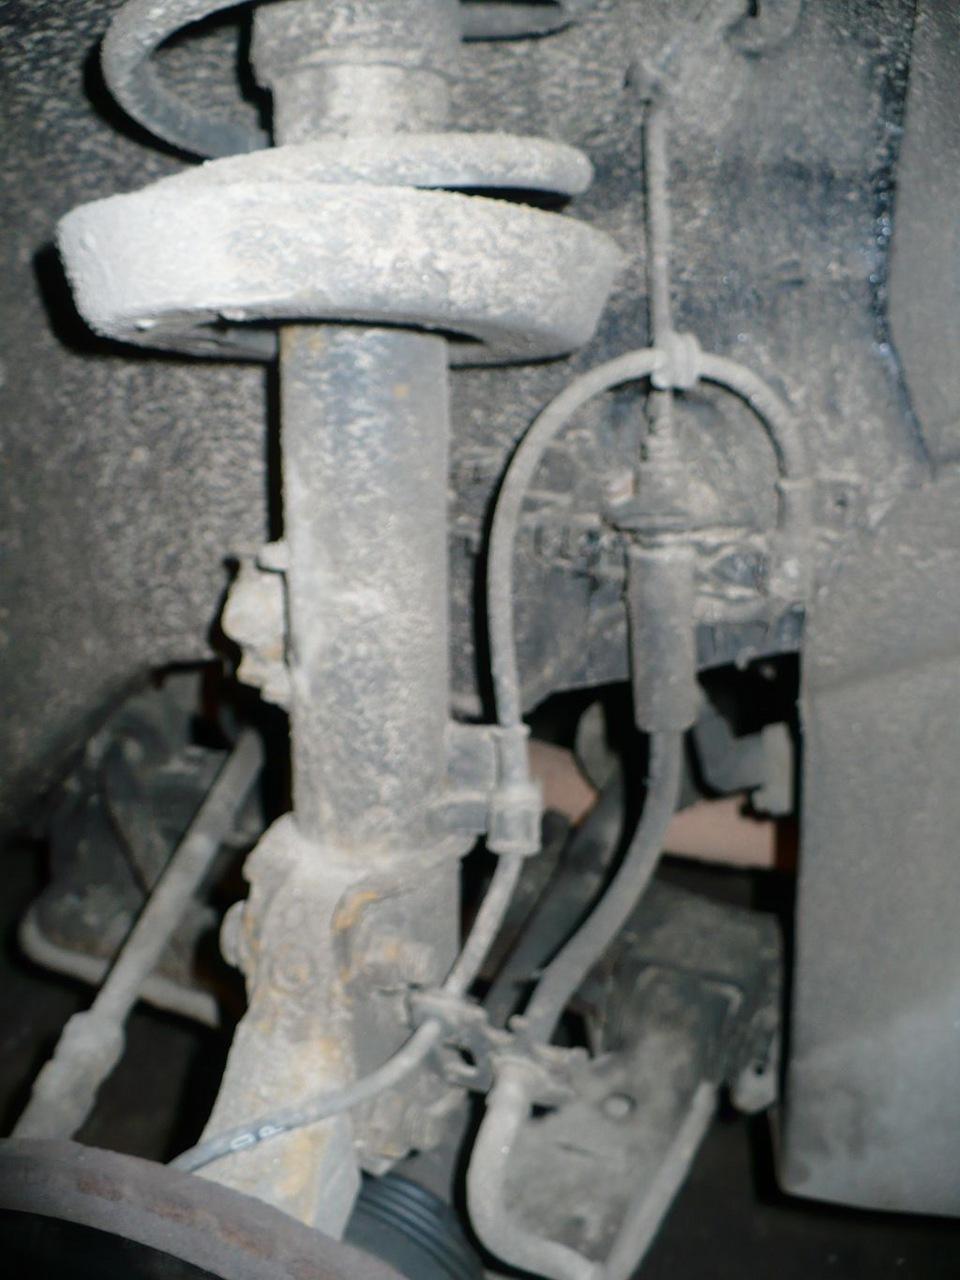 стук в передней подвеске опель вектра б